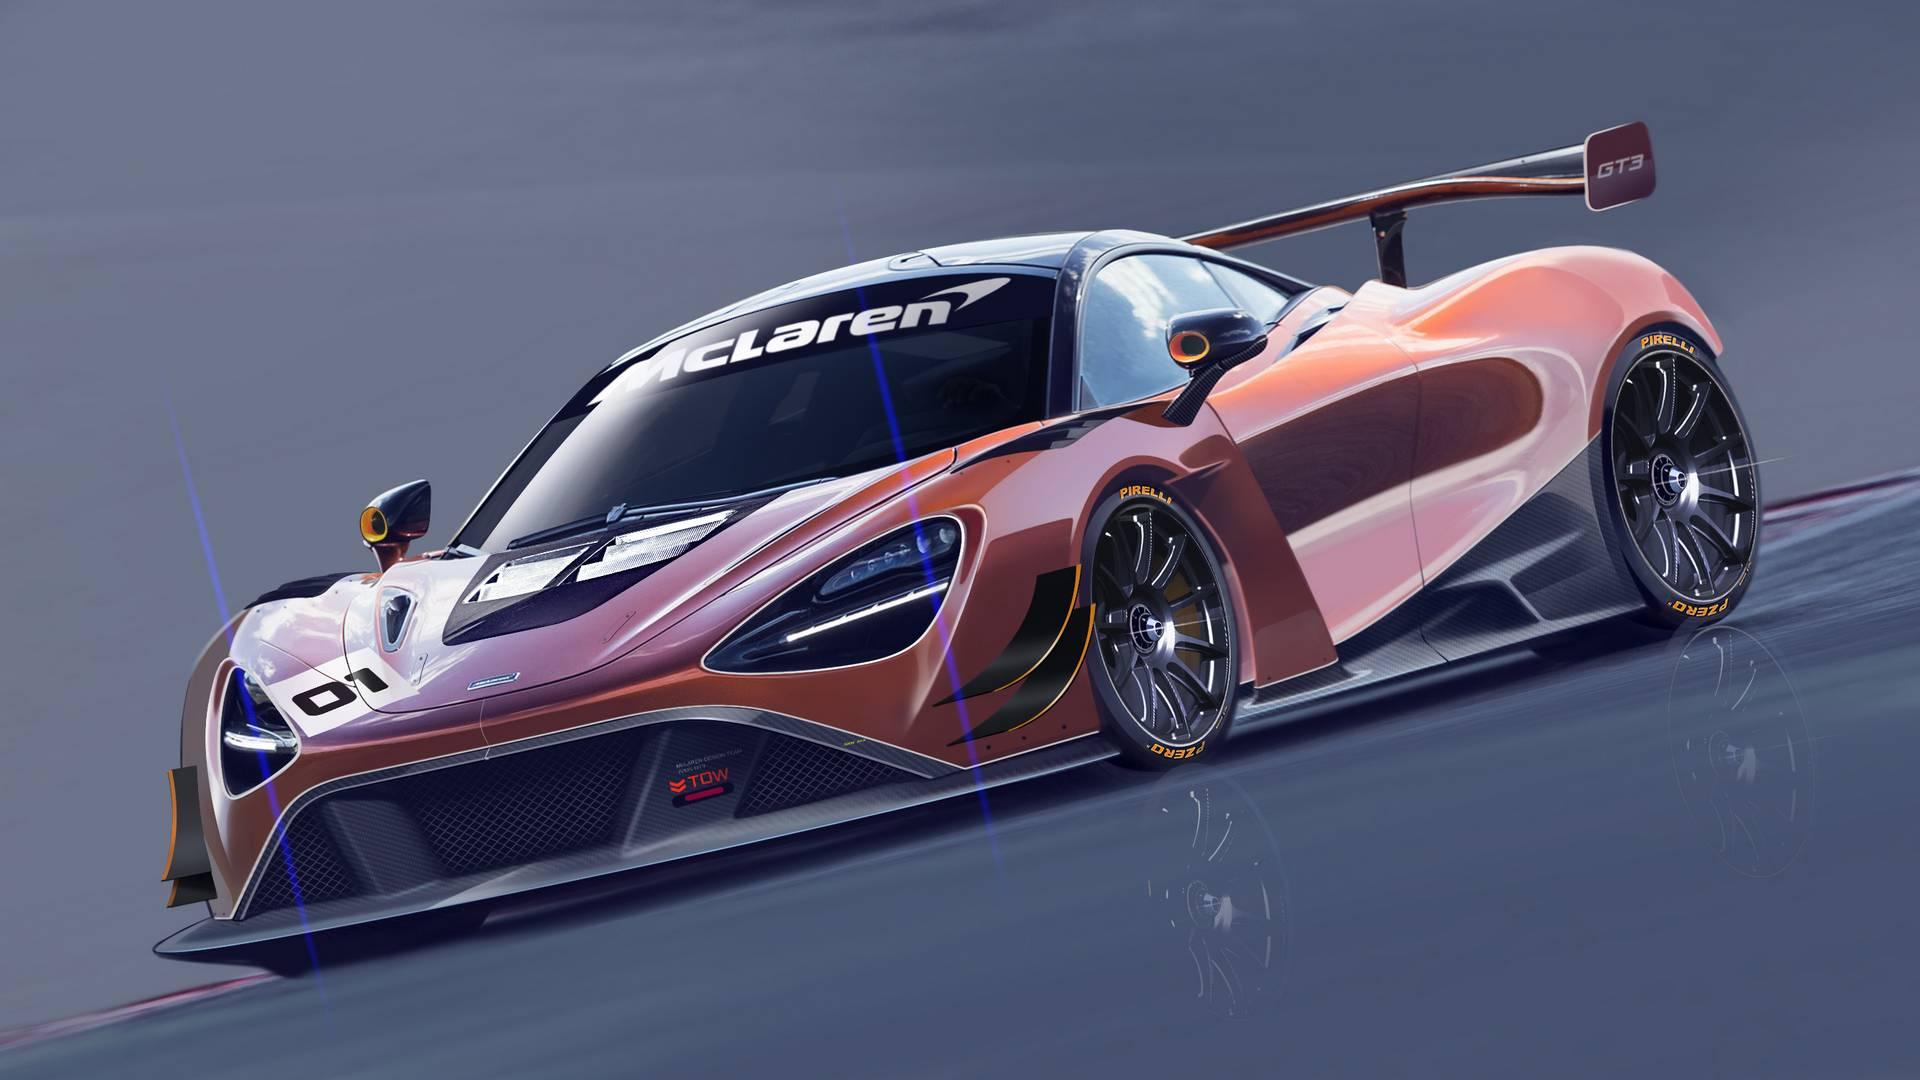 https://storage.googleapis.com/gtspirit/uploads/2017/11/McLaren-720S-GT3-concept-sketch_front_final-for-release.jpg